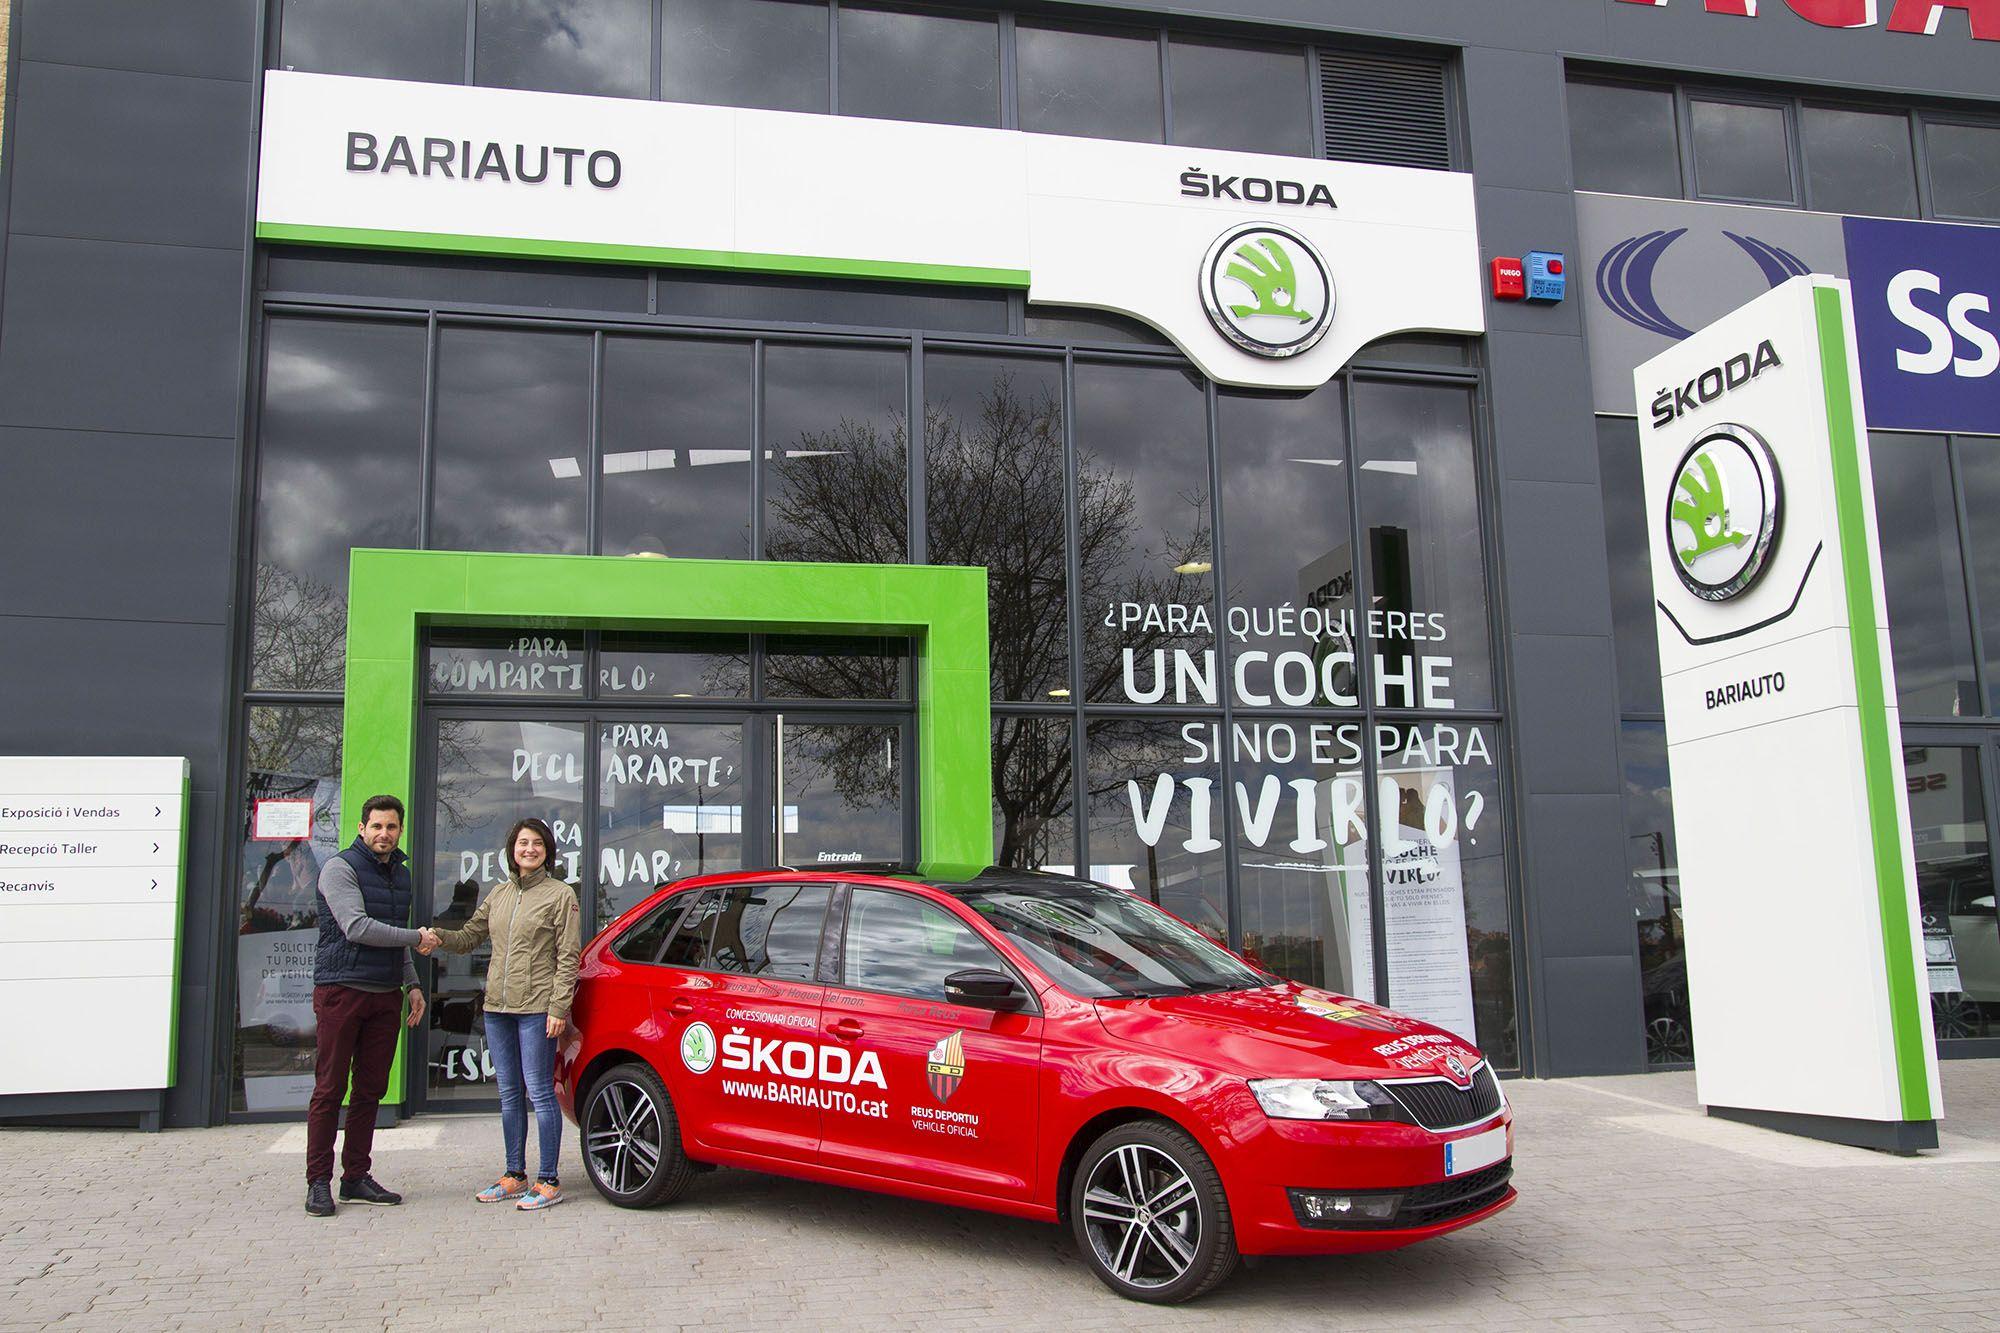 Škoda Bariauto con el mejor Hoquei del mundo